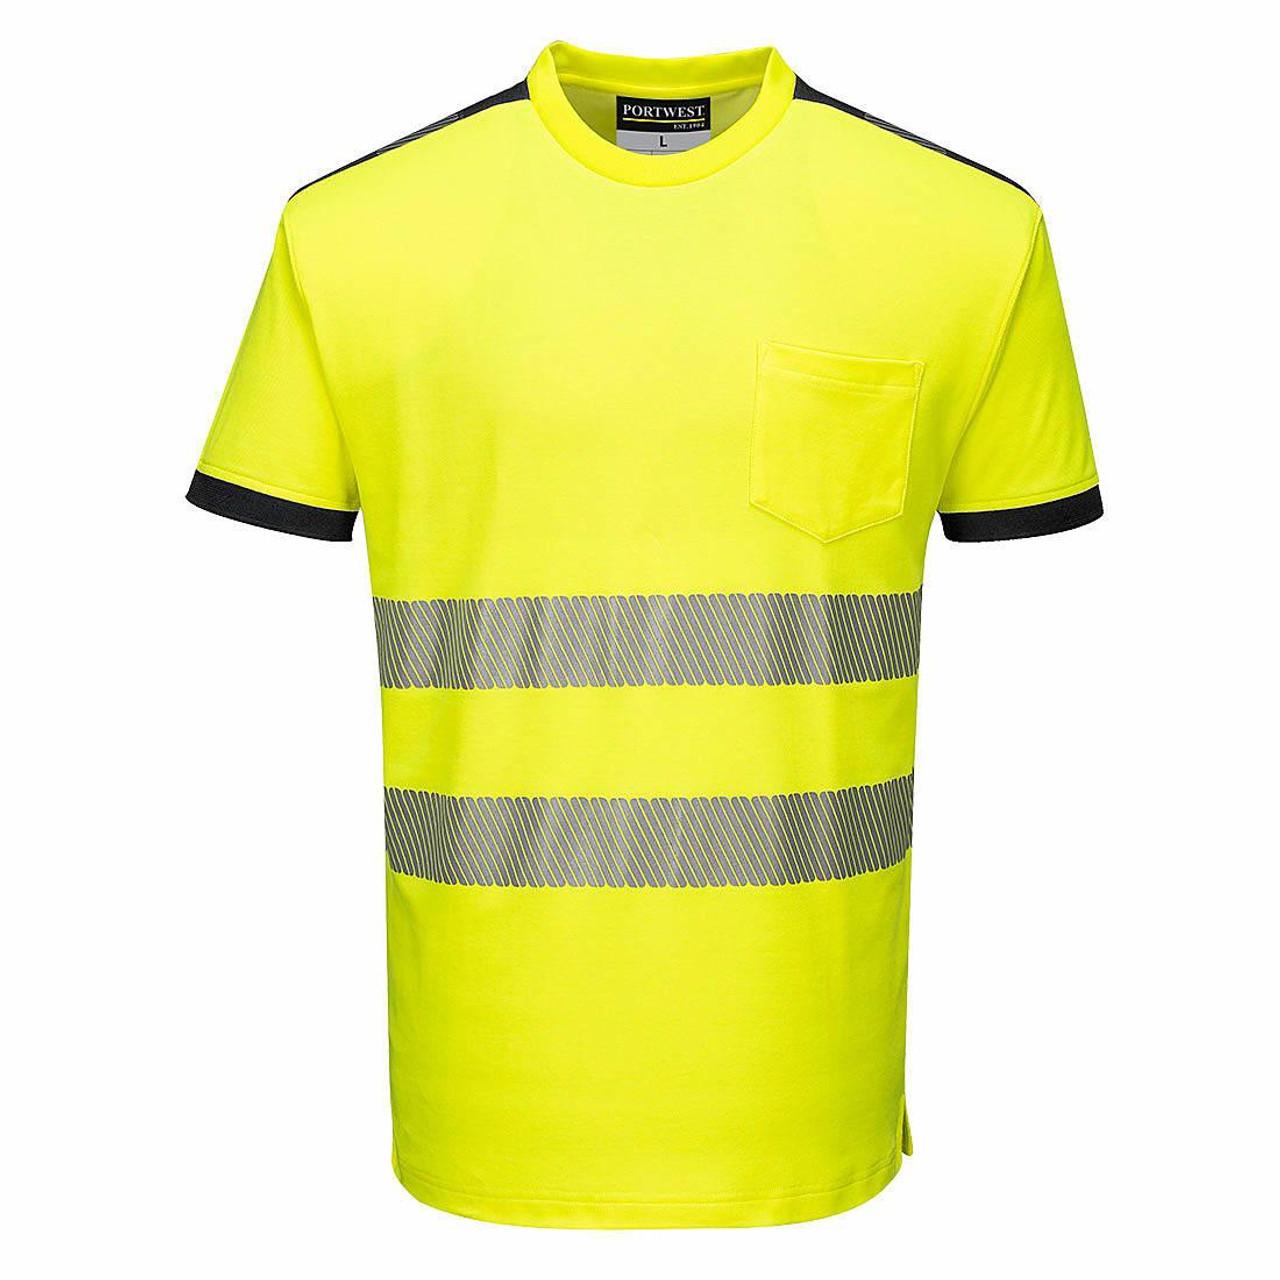 Portwest T181 PW3 Hi-Vis Short Sleeve Work T-Shirt - Hi-Vis/Navy - FRONT